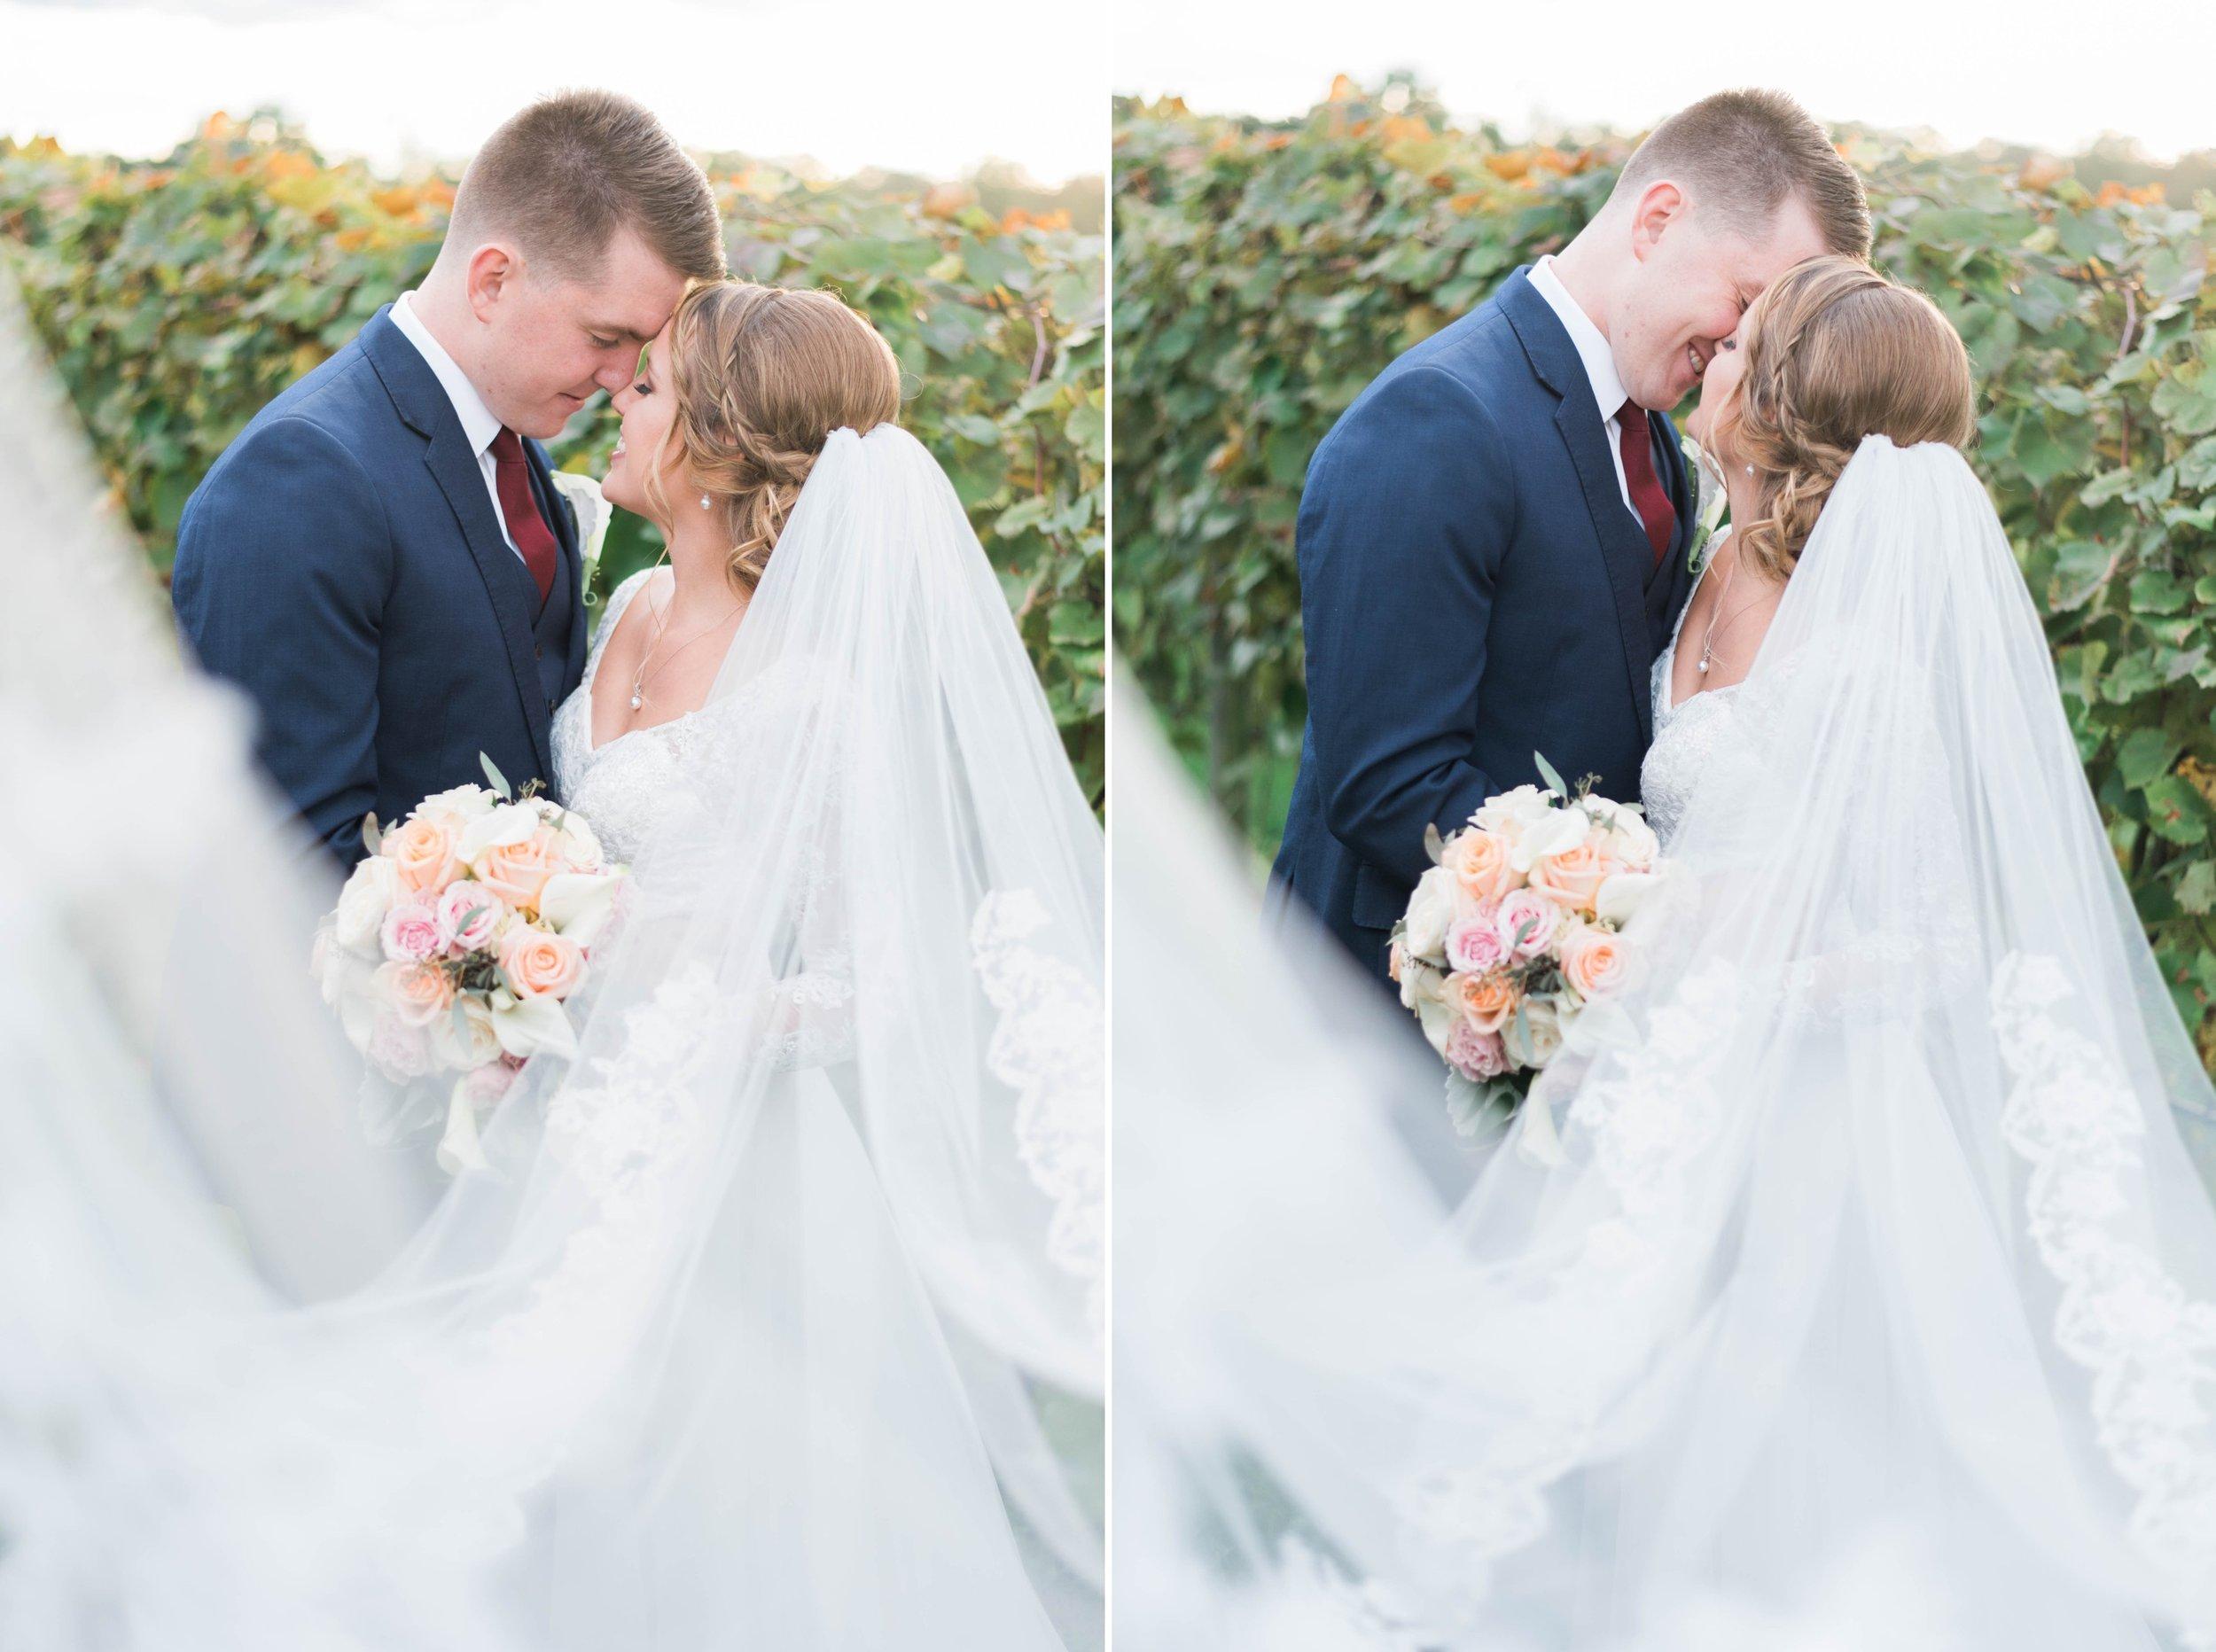 GrantElizabeth_wineryatbullrun_DCwedding_Virginiaweddingphotographer 23.jpg